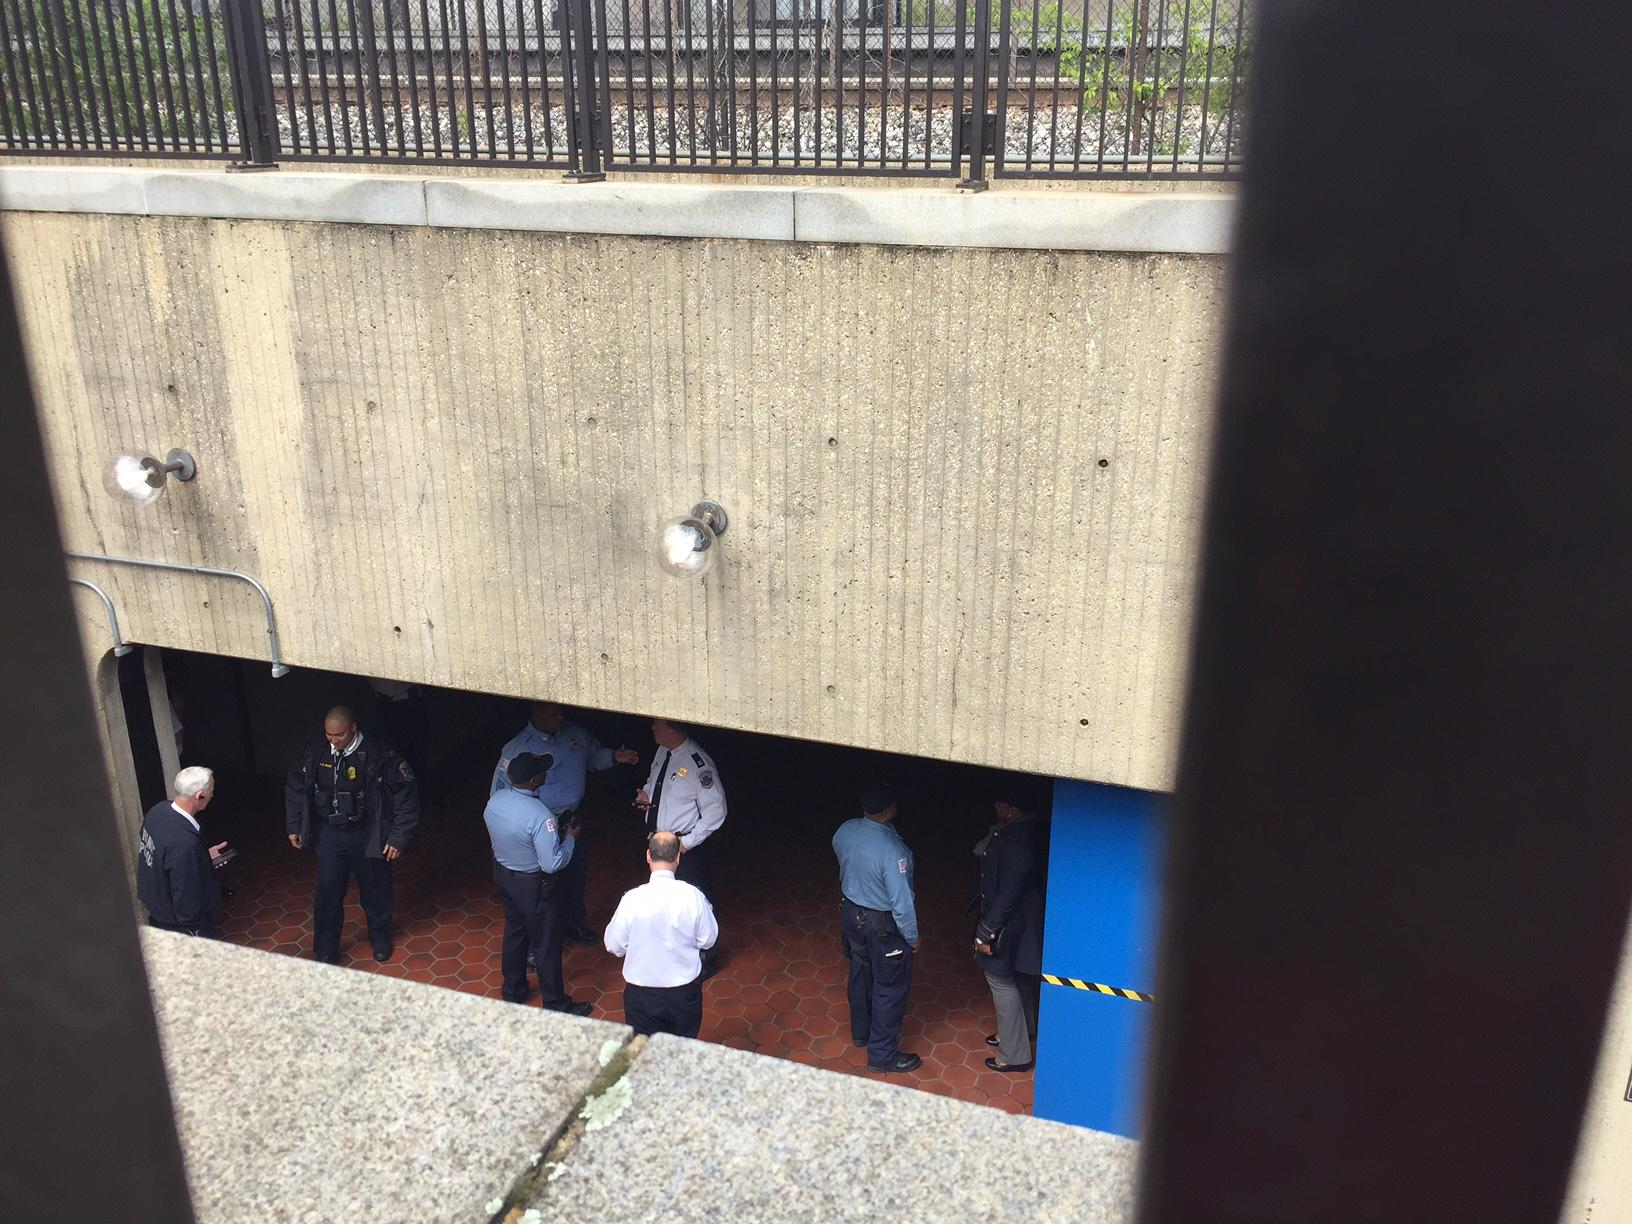 Police seek person of interest in Deanwood Metro stabbing